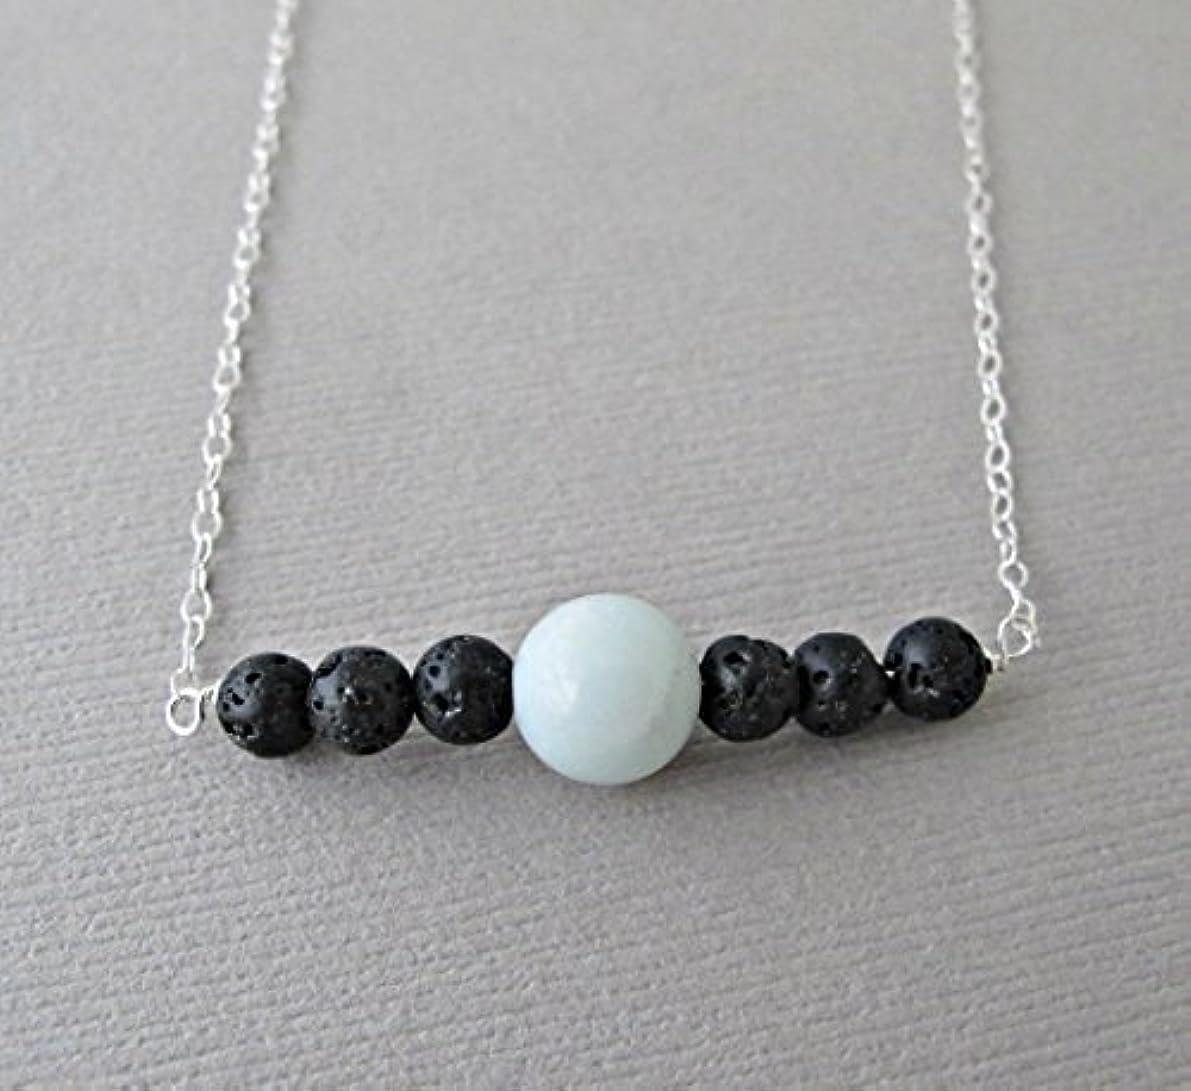 湿気の多い食物レギュラーBlue Chalodony Lava Pendant Essential Oil Necklace Diffuser Aromatherapy - Simple Minimalist Lava Bead Diffuser...